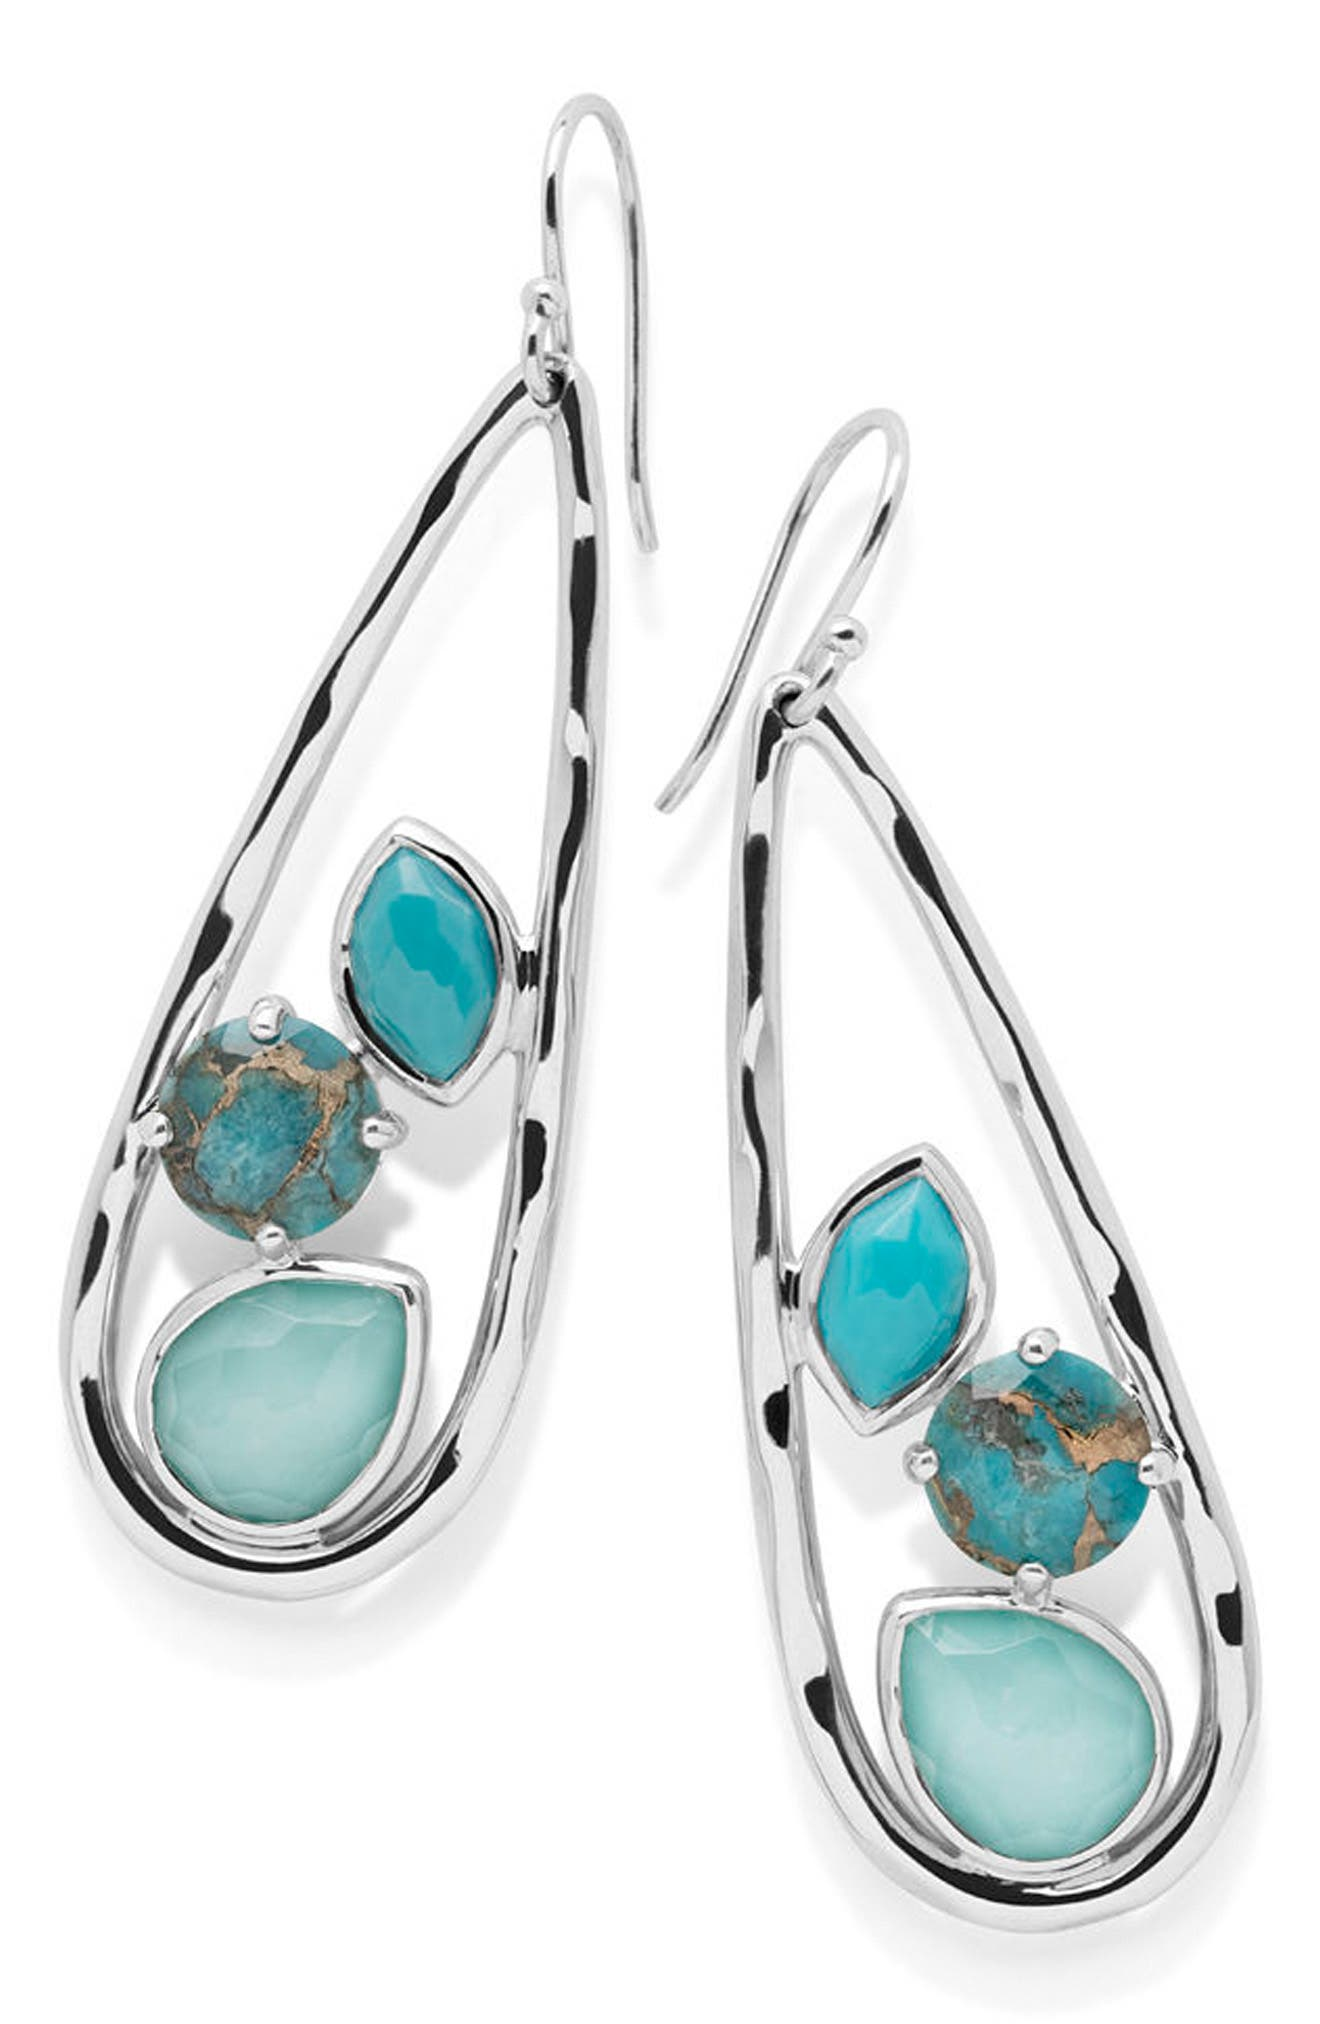 Rock Candy Teardrop Earrings,                         Main,                         color, 440